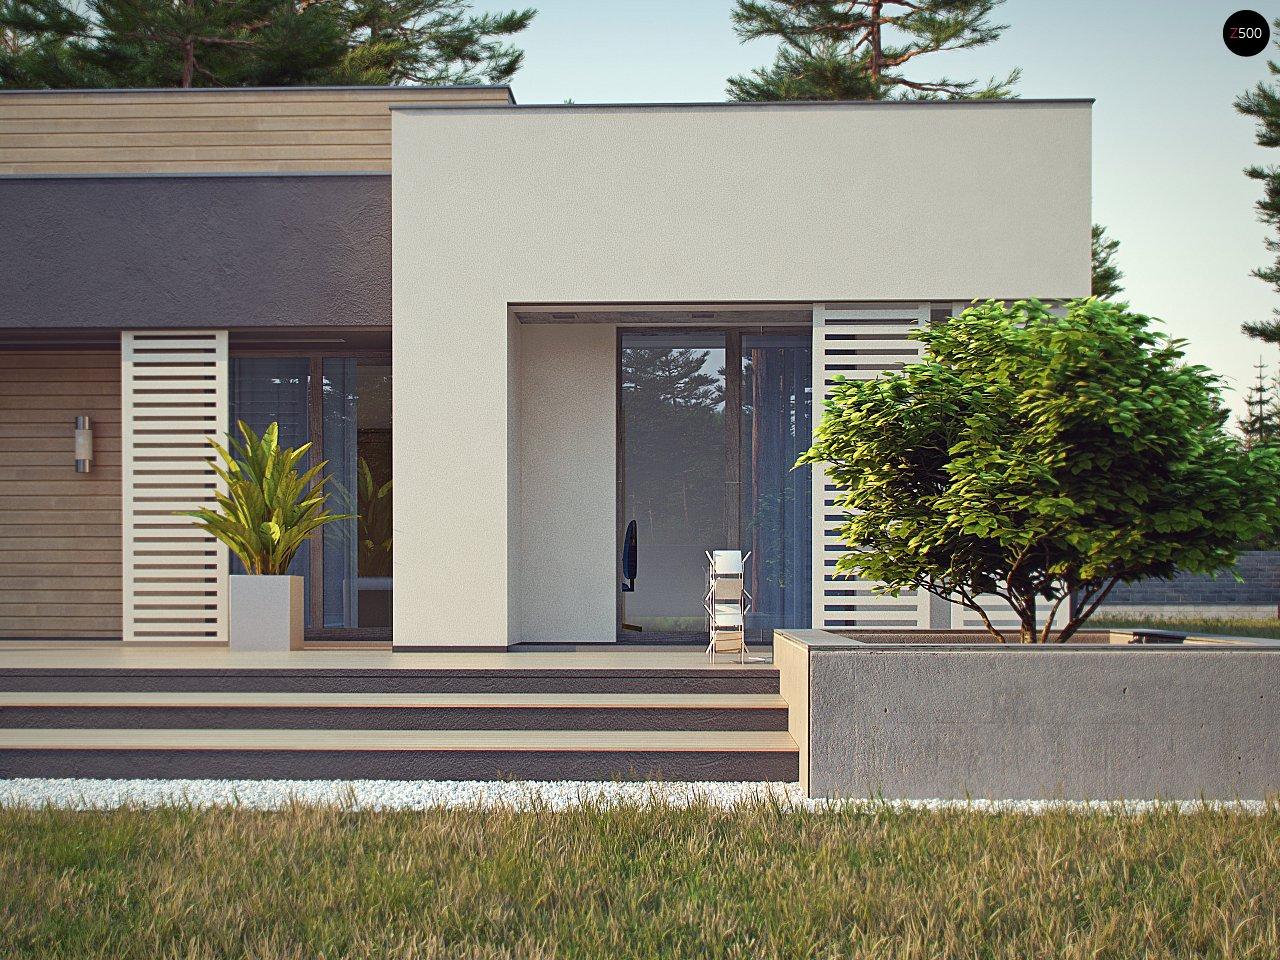 Одноэтажный дом в стиле хай-тек с плоской кровлей и большой площадью остекления. 7